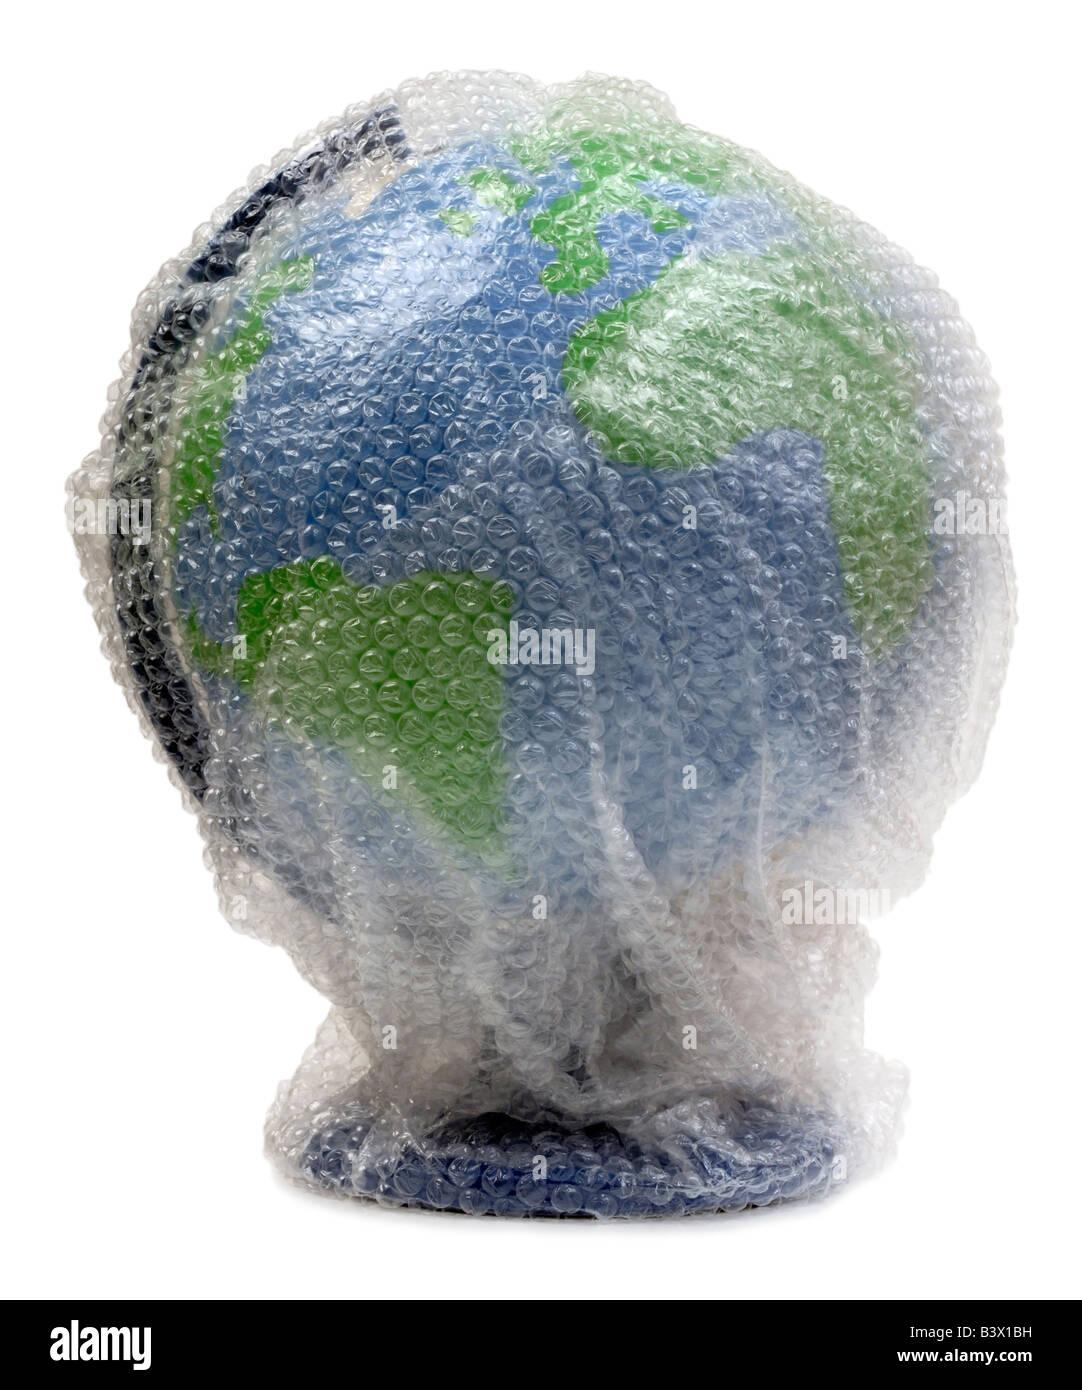 Mondo avvolto in Bubble wrap Immagini Stock